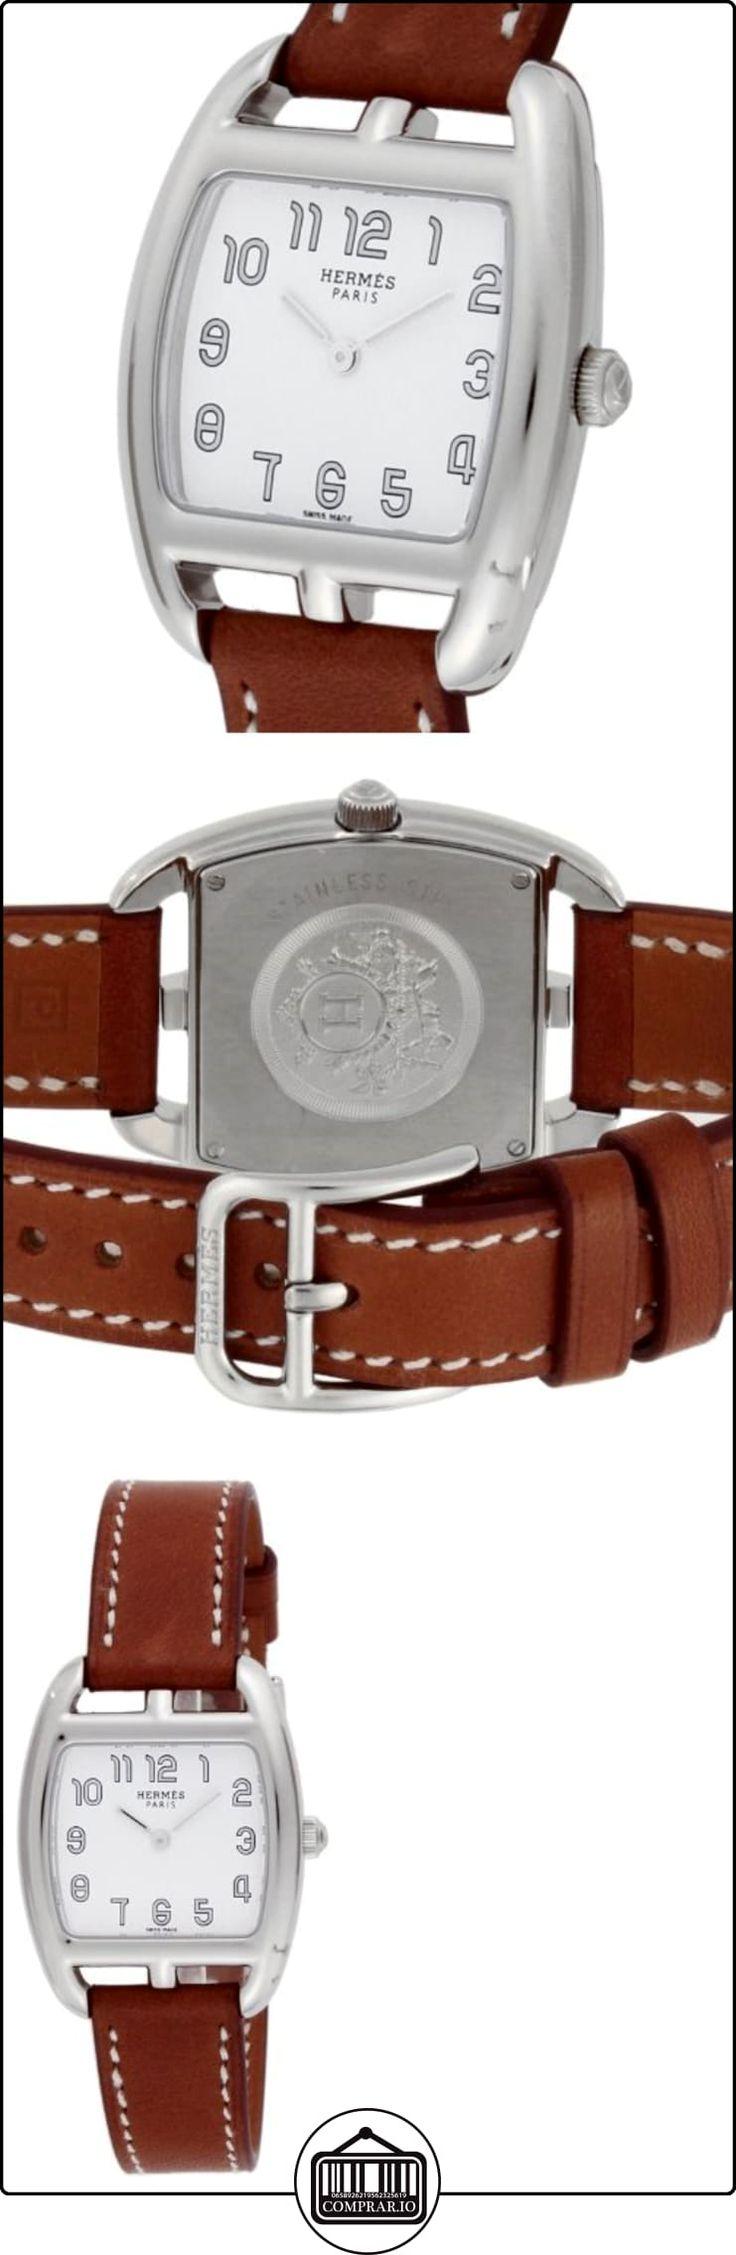 HERMES CT1, 210,130/documento  ✿ Relojes para hombre - (Lujo) ✿